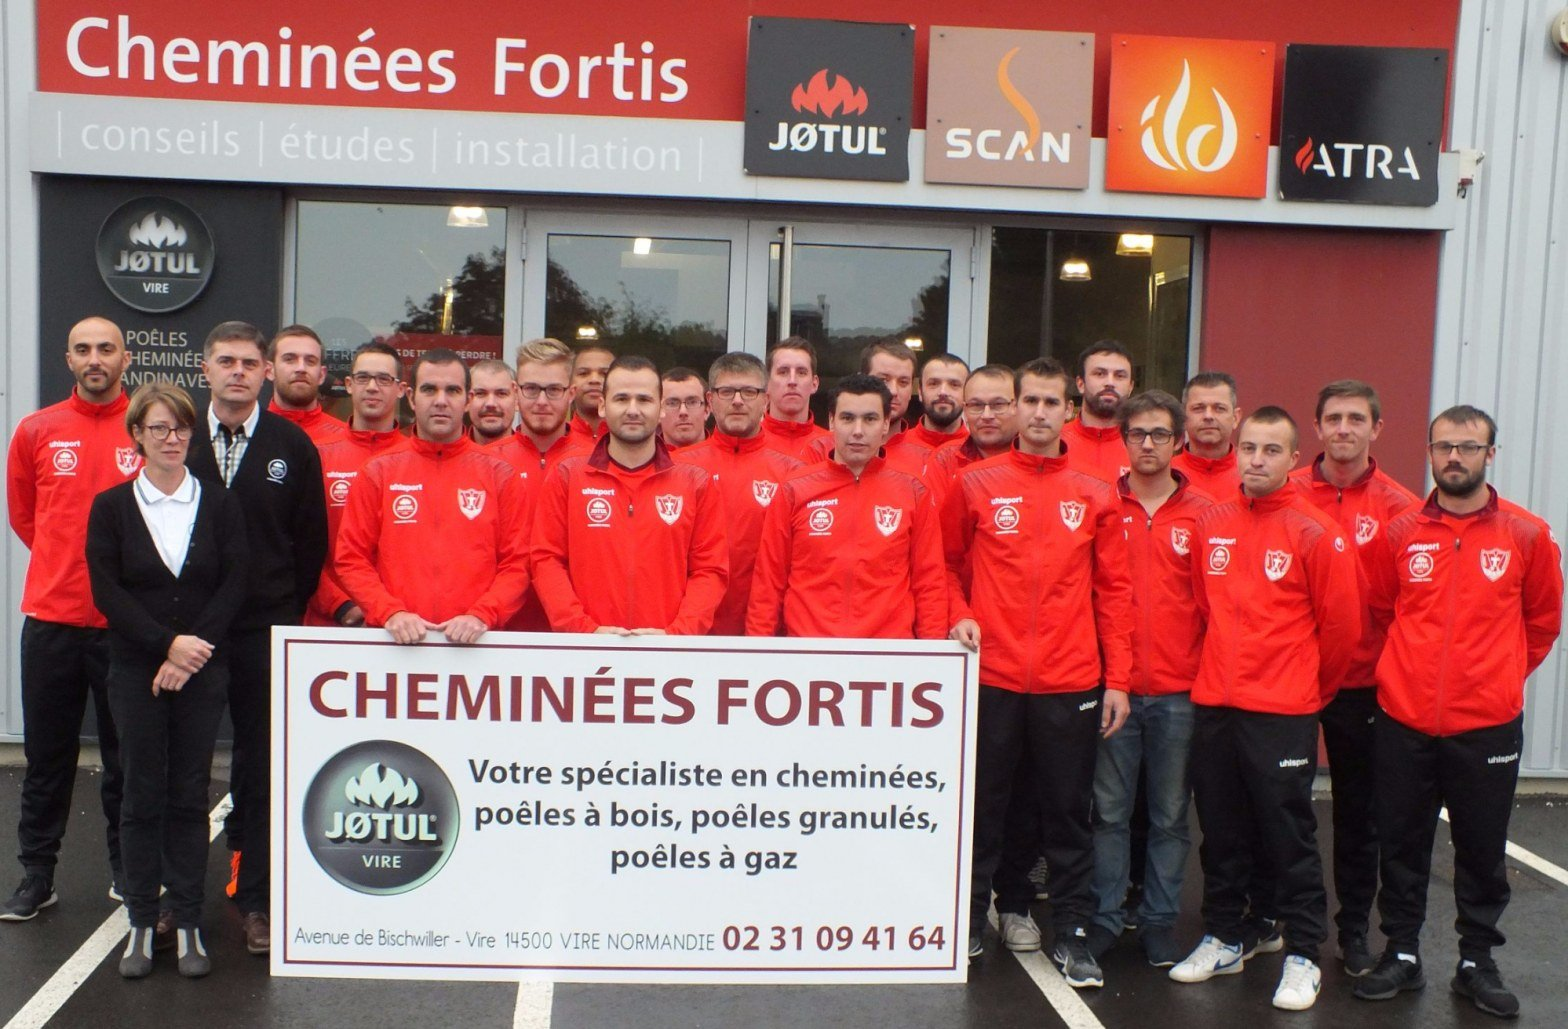 Cheminées Fortis Jotul Vire Nouveau sponsor de l'équipe de foot de Vaudry